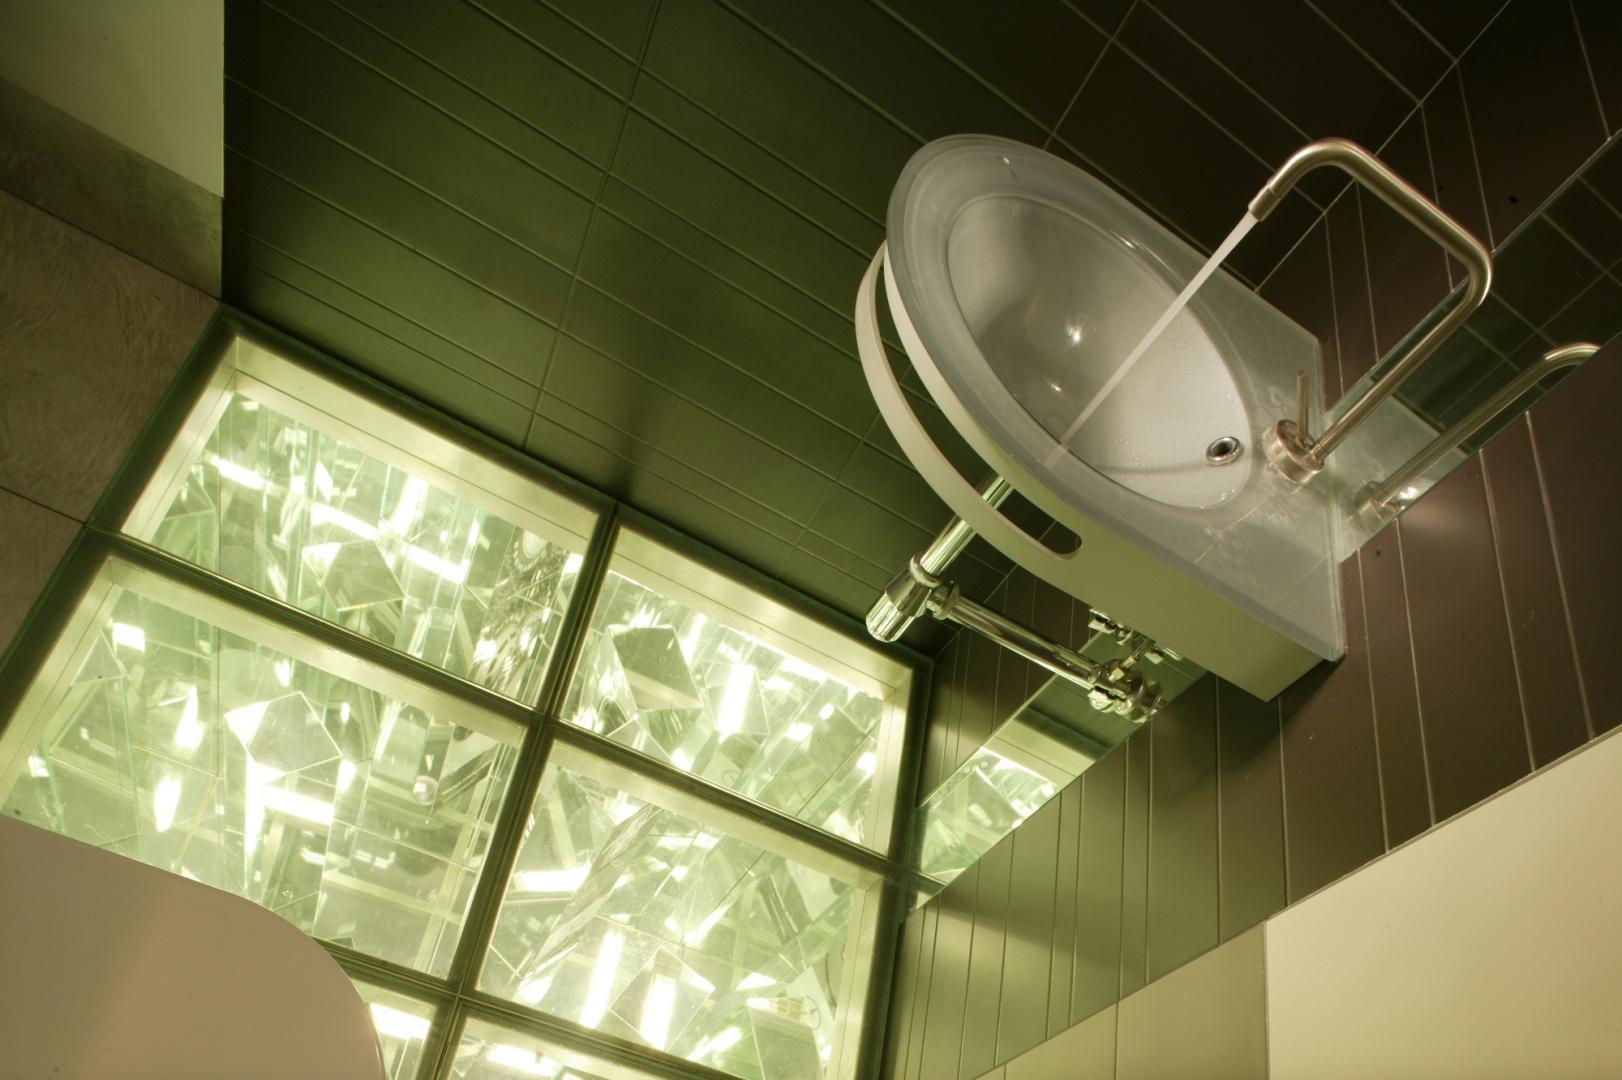 Nowoczesne wyposażenie i detale podkreślają industrialny charakter łazienki: metaliczna armatura Isystick (Zucchetti), szklana umywalka Smart (Logo Design) oraz lśniące płytki ceramiczne, między które zostały wmontowane prawie niewidoczne, minimalistyczne szafki. Fot. Monika Filipiuk.